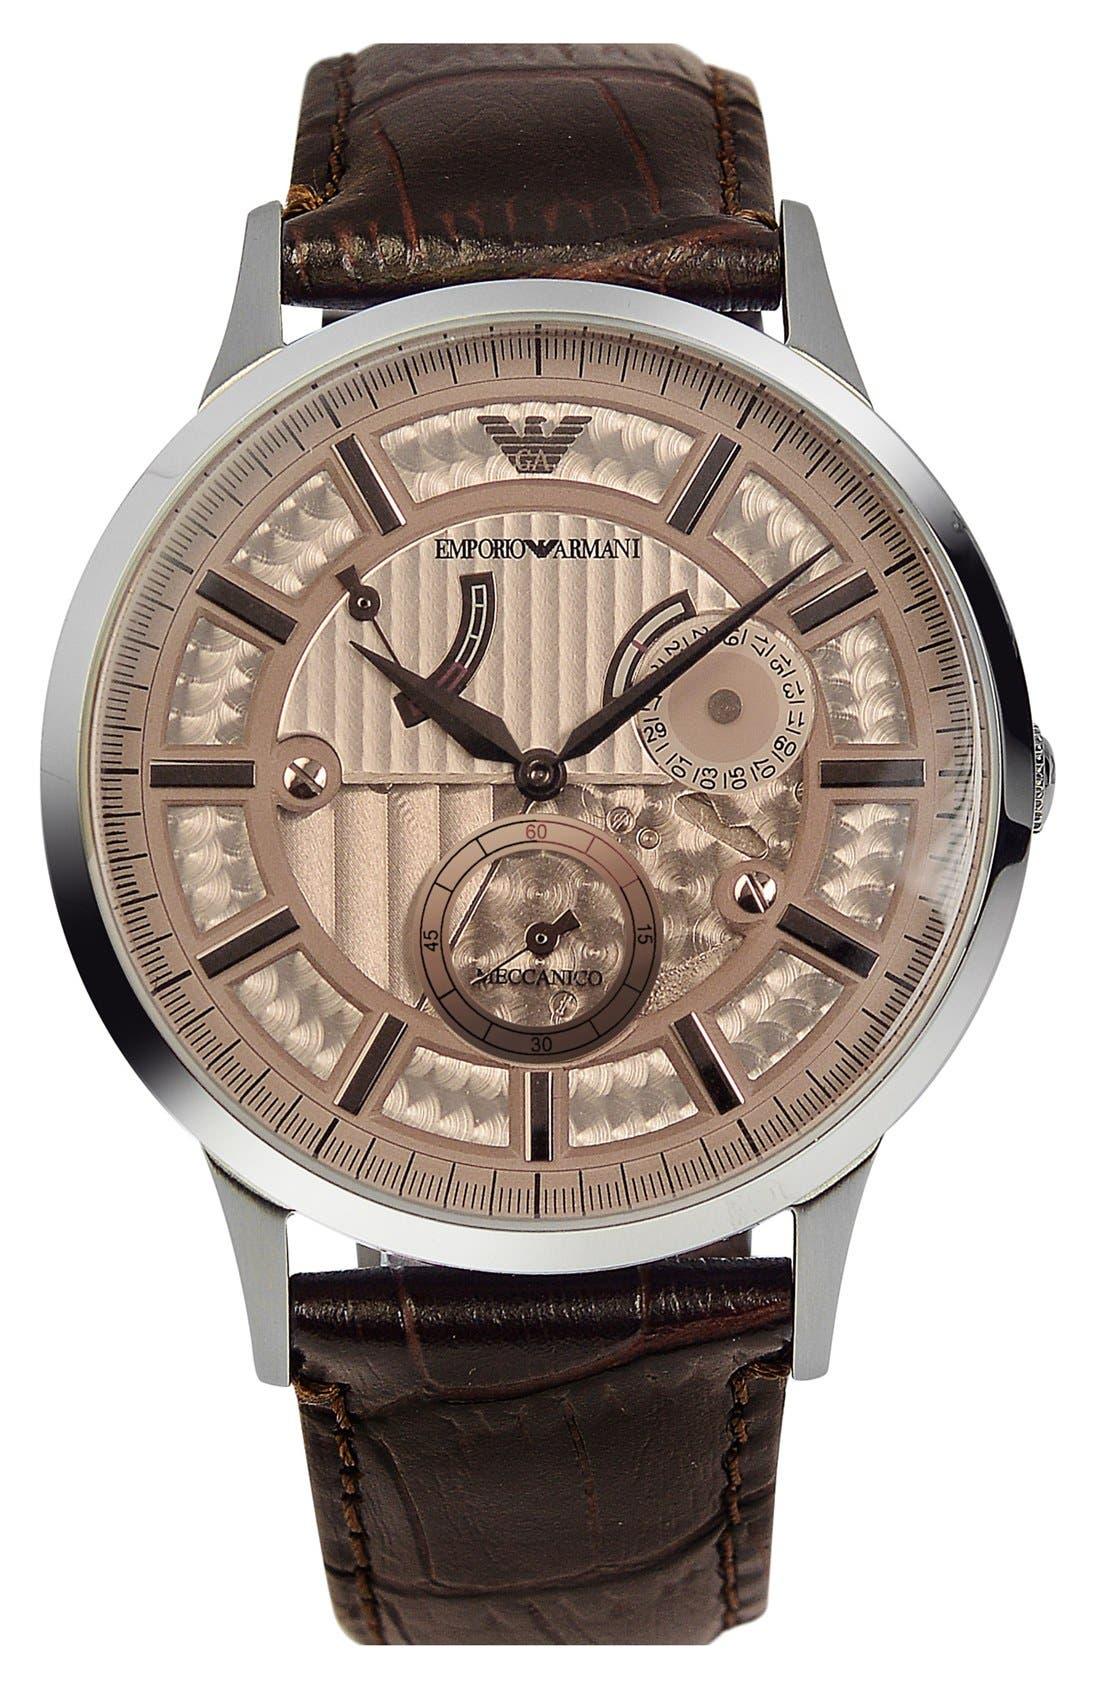 Main Image - Emporio Armani Meccanico Automatic Leather Strap Watch, 43mm